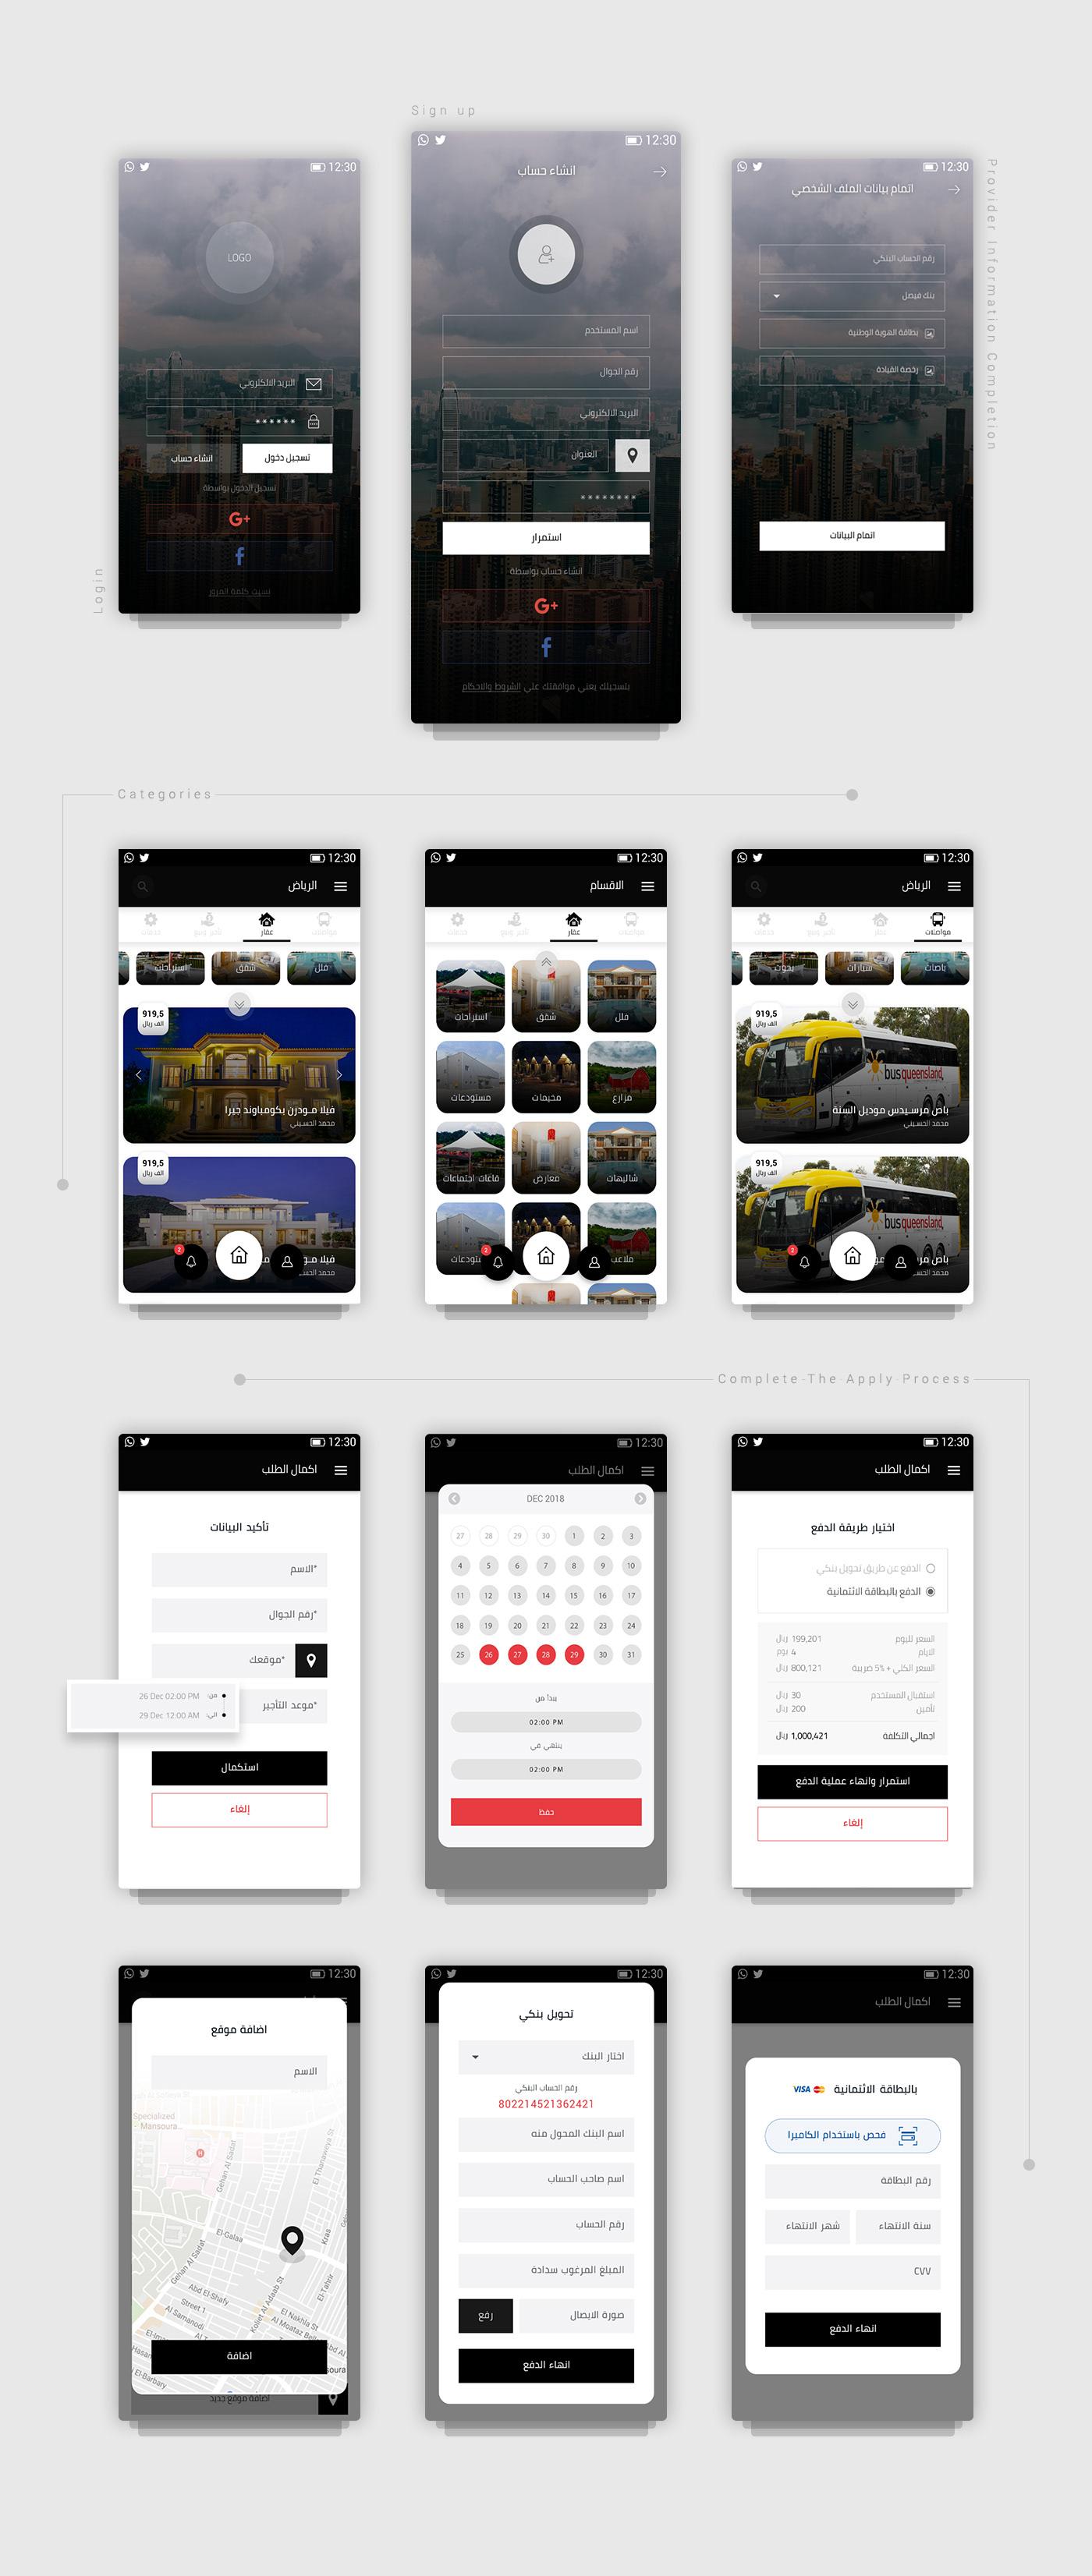 ui design,UI,ux,UI UX design,Mobile app,Deals,android,creative,development,life